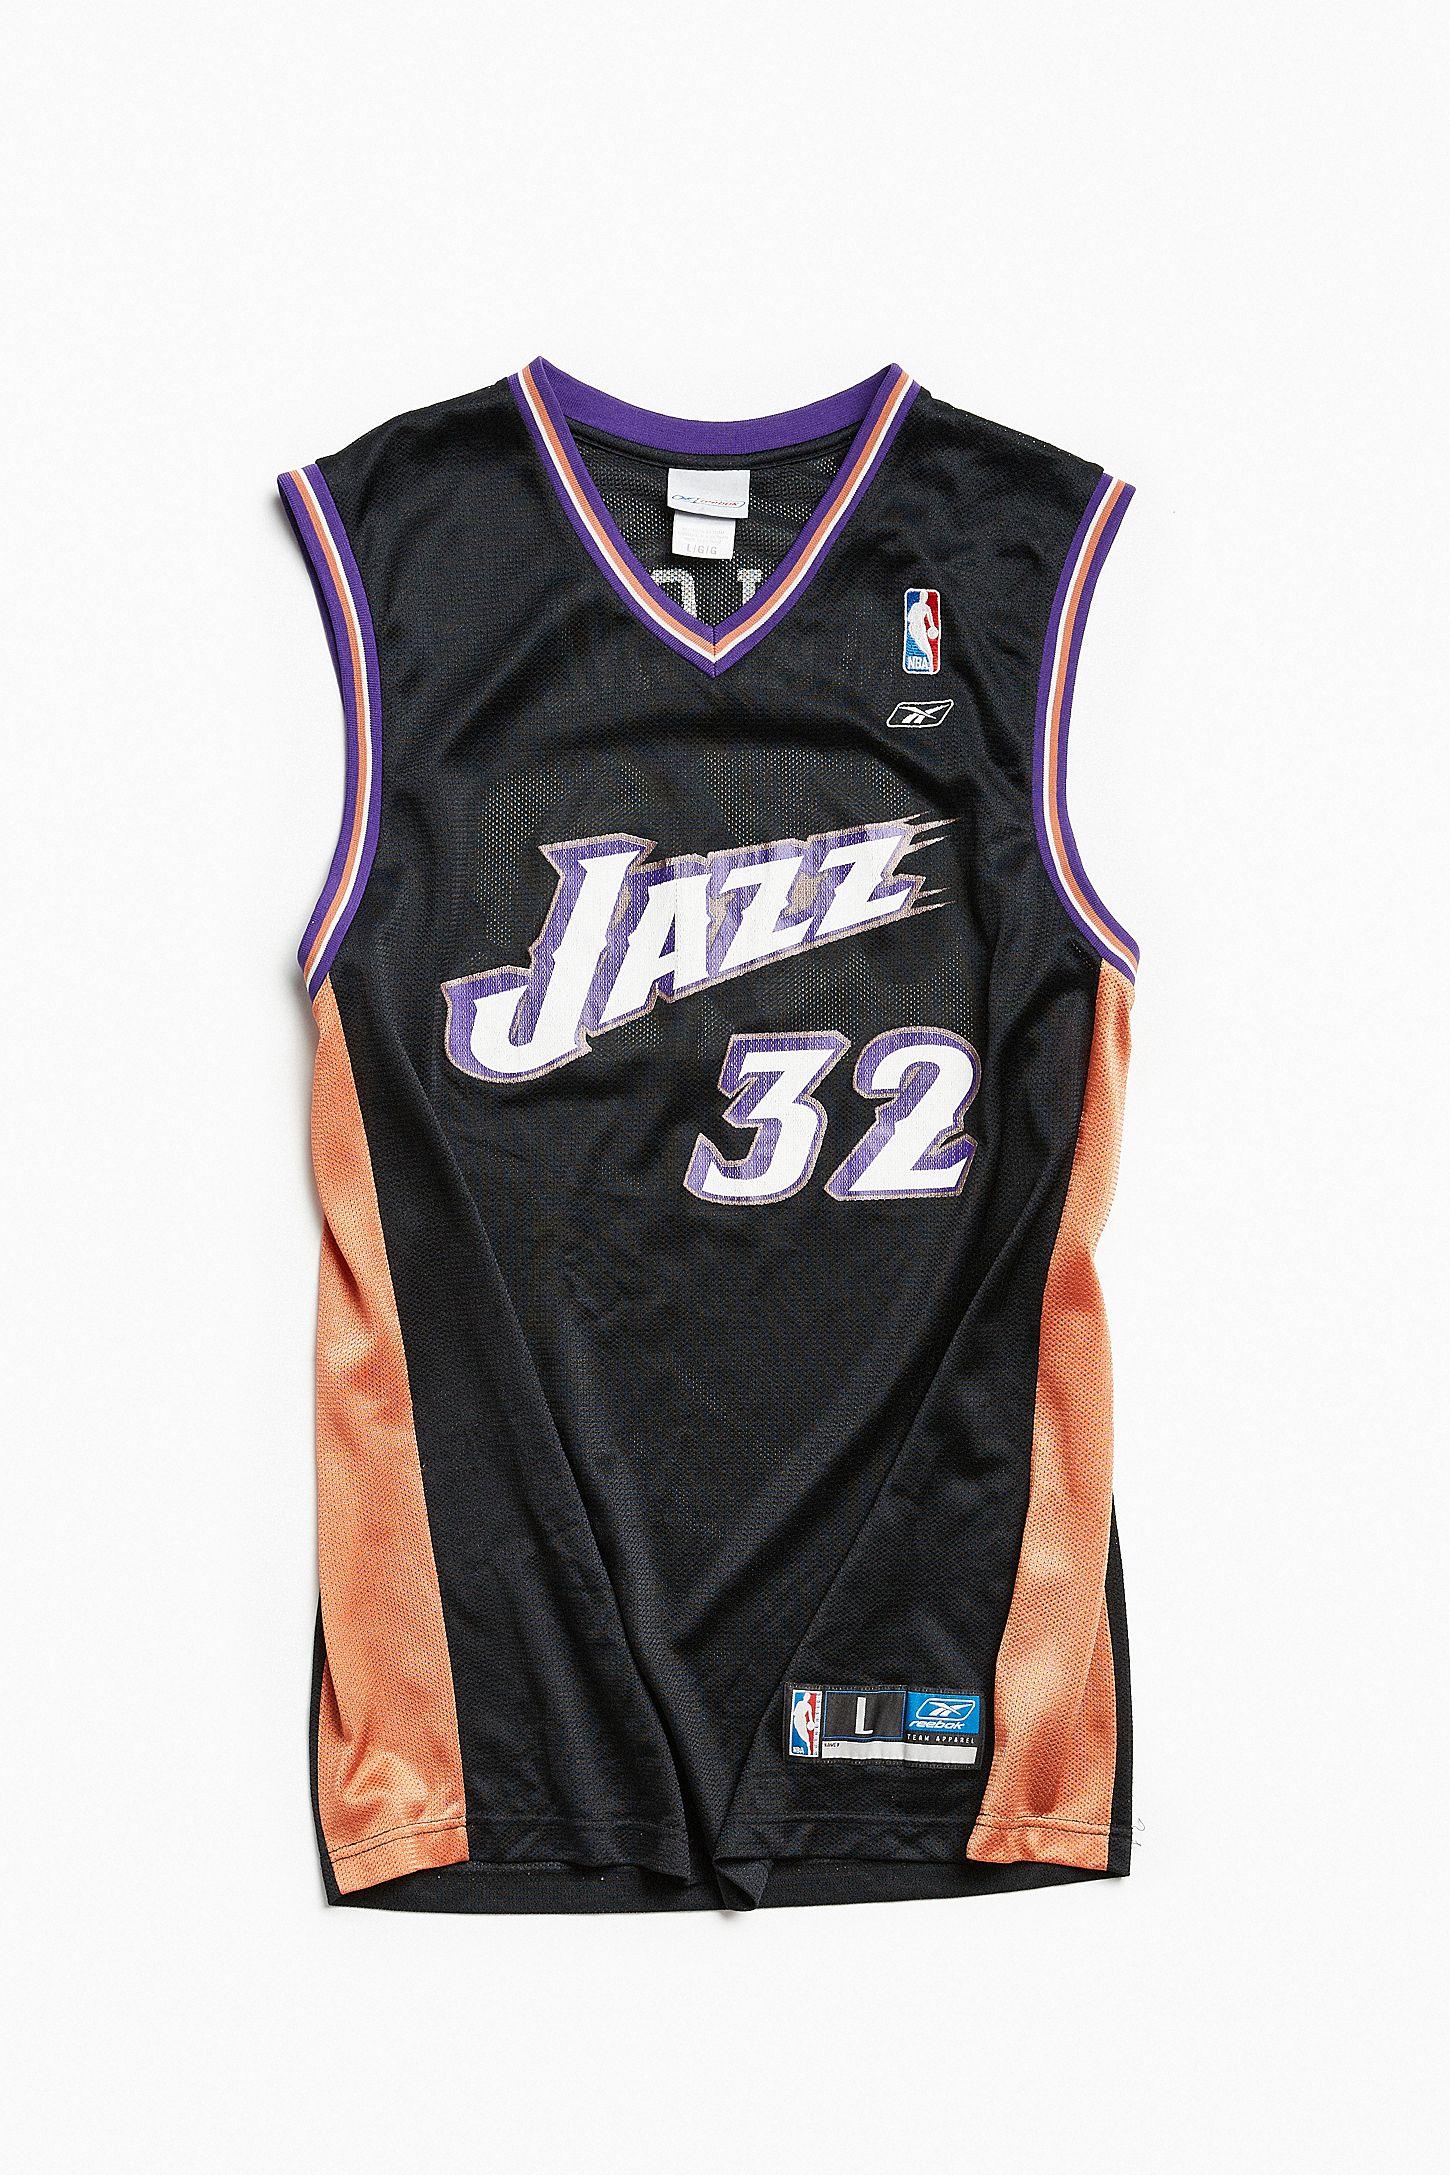 6ec27b22c9f ... promo code for vintage reebok karl malone utah jazz basketball jersey  urban 1f200 88474